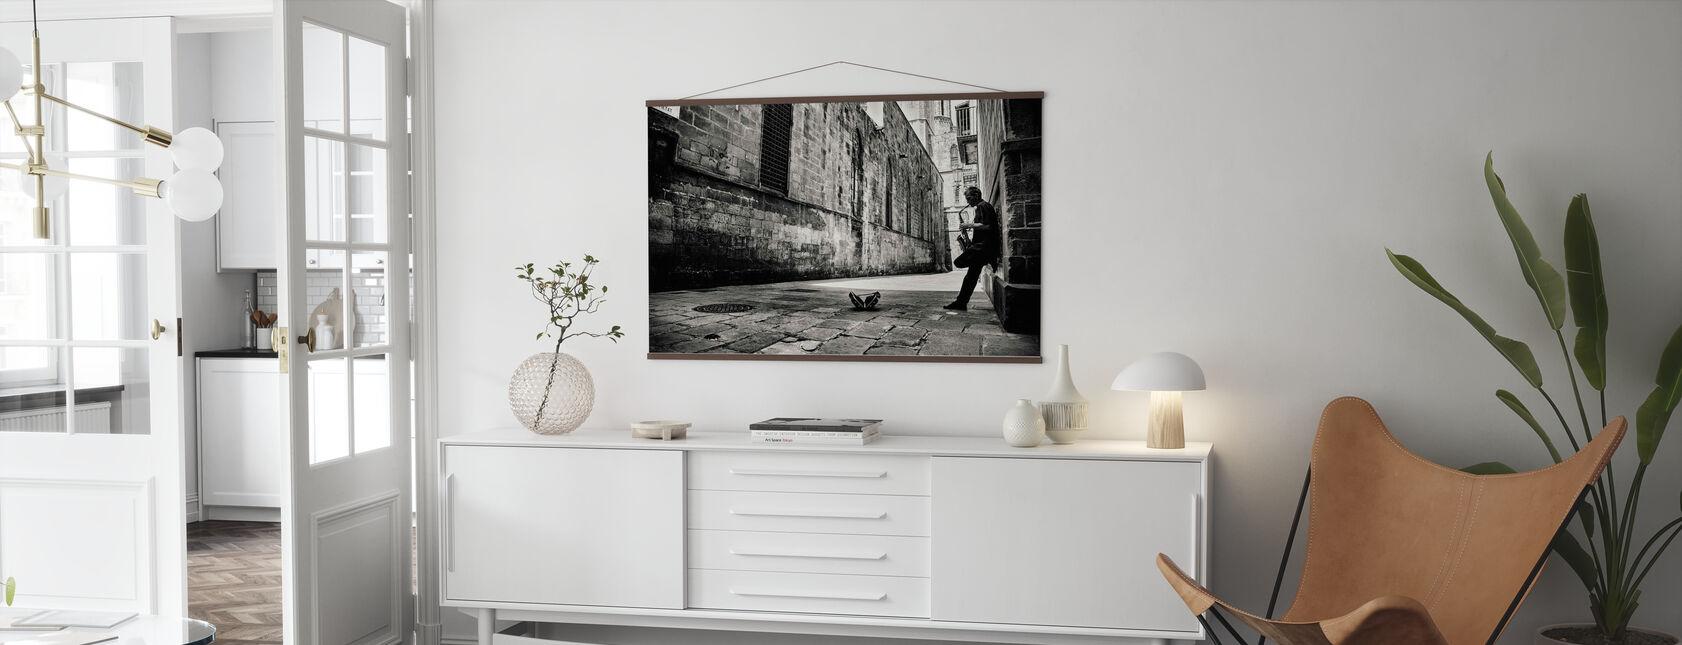 Silent Street, schwarz/weiß - Poster - Wohnzimmer